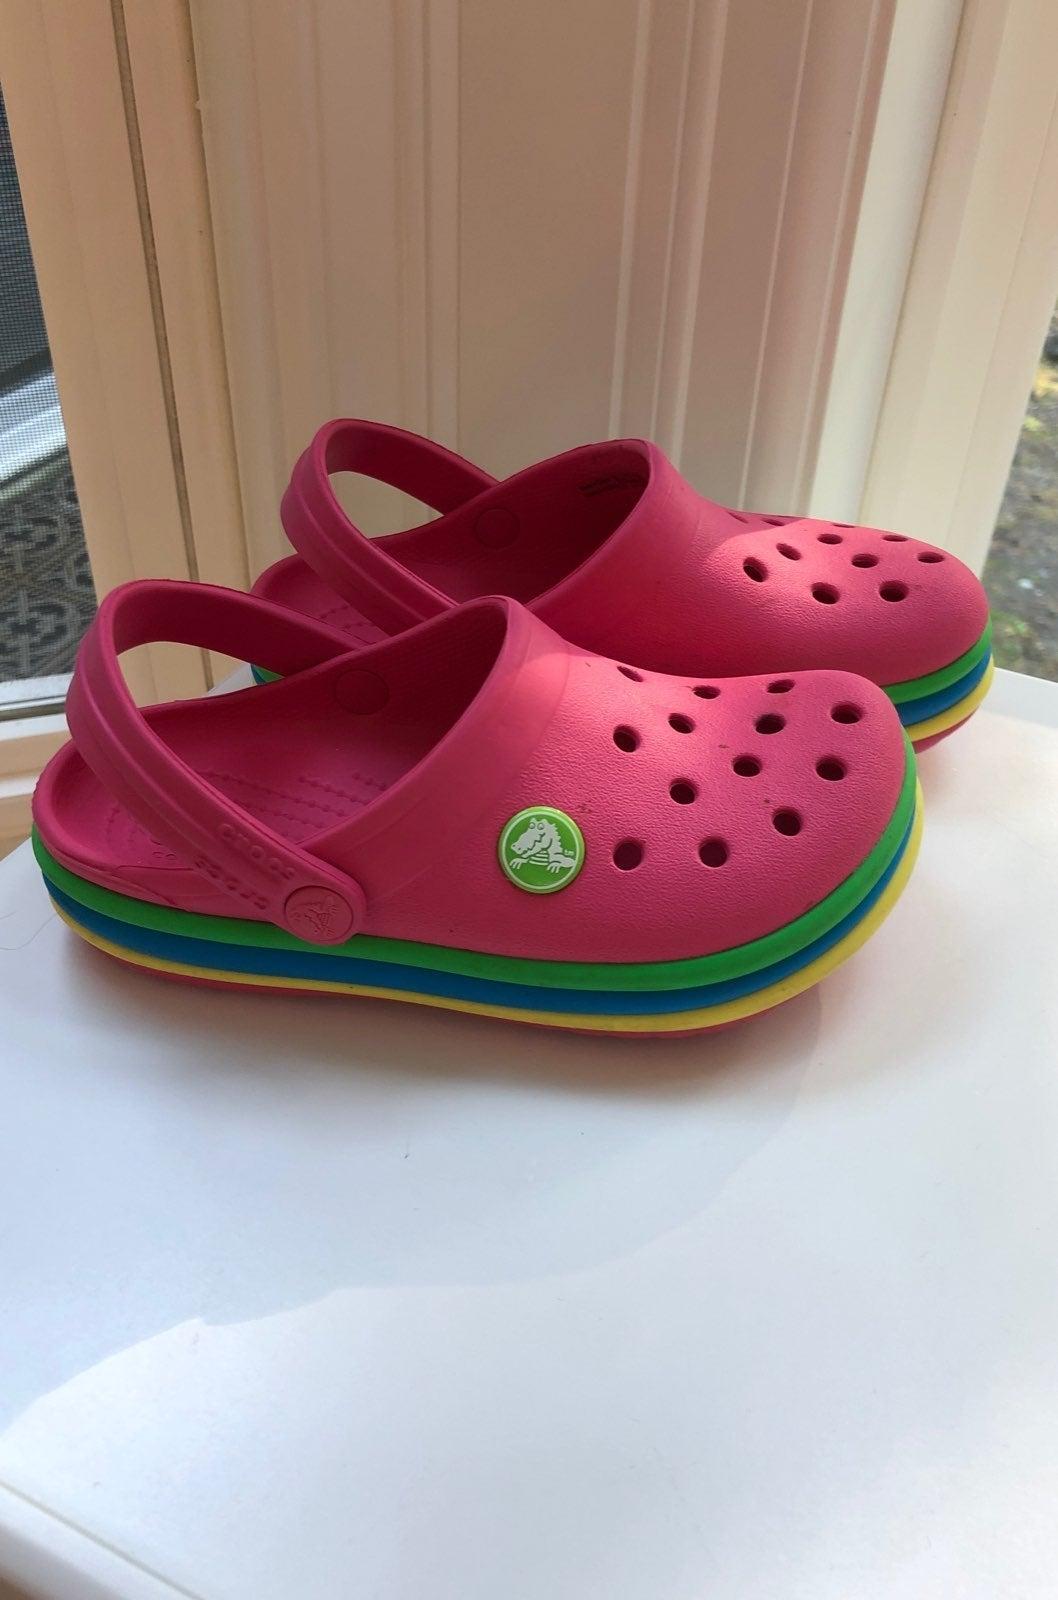 Pink Crocs clogs toddler size 10